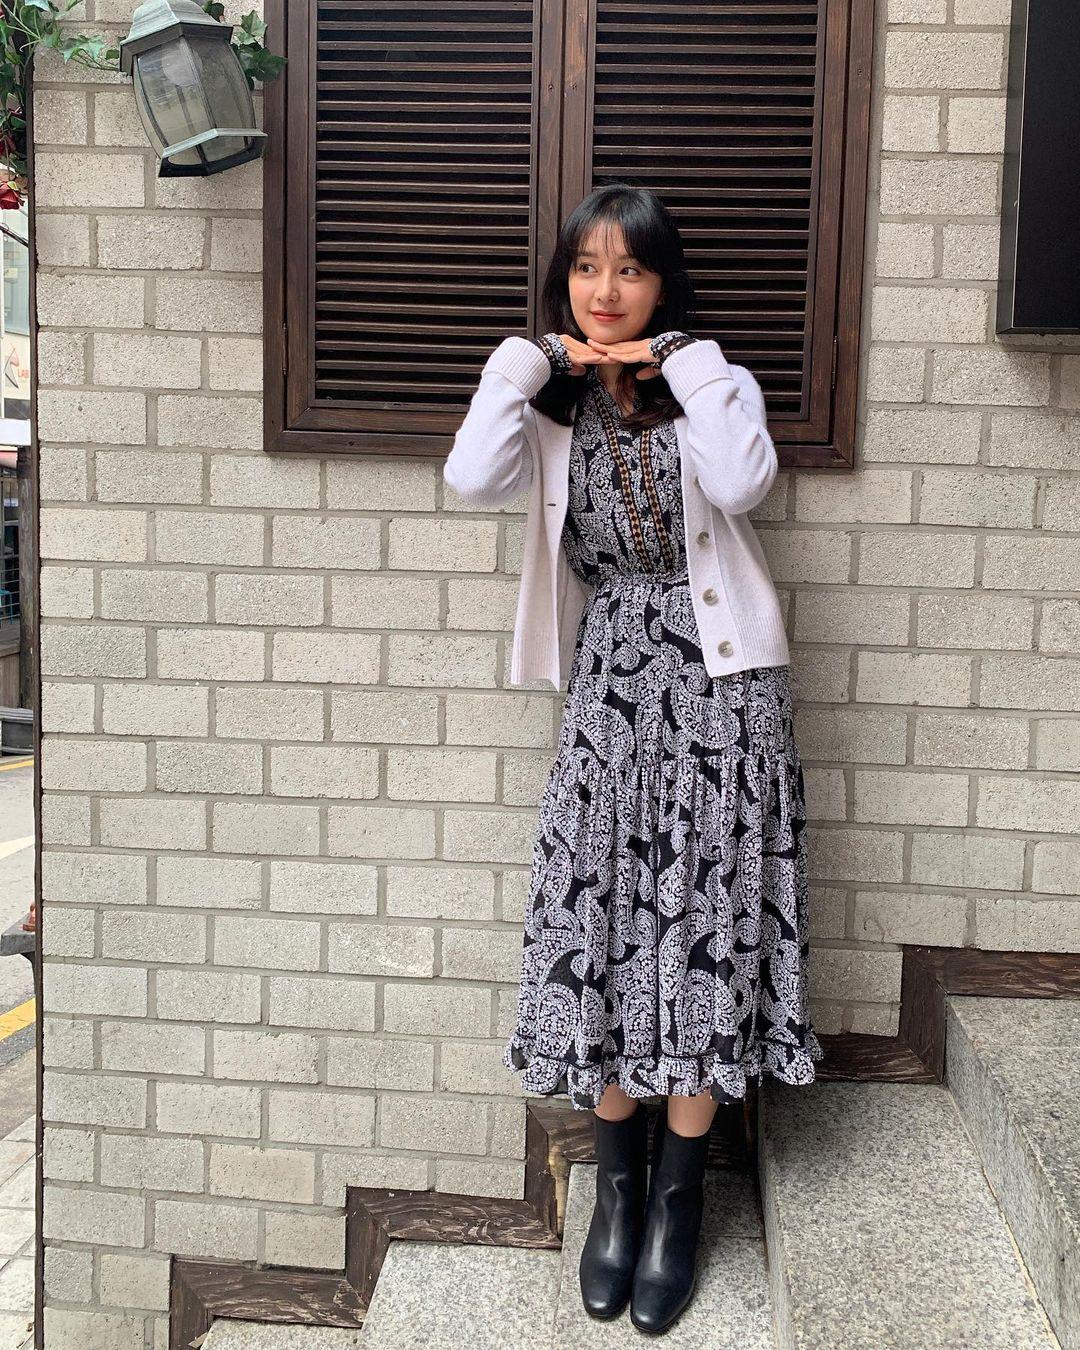 Mix & Phối - Style của Kim Ji Won trong phim mới: Đơn giản mà siêu xinh tươi lãng mạn, nhìn là muốn học theo bằng hết - chanvaydep.net 8